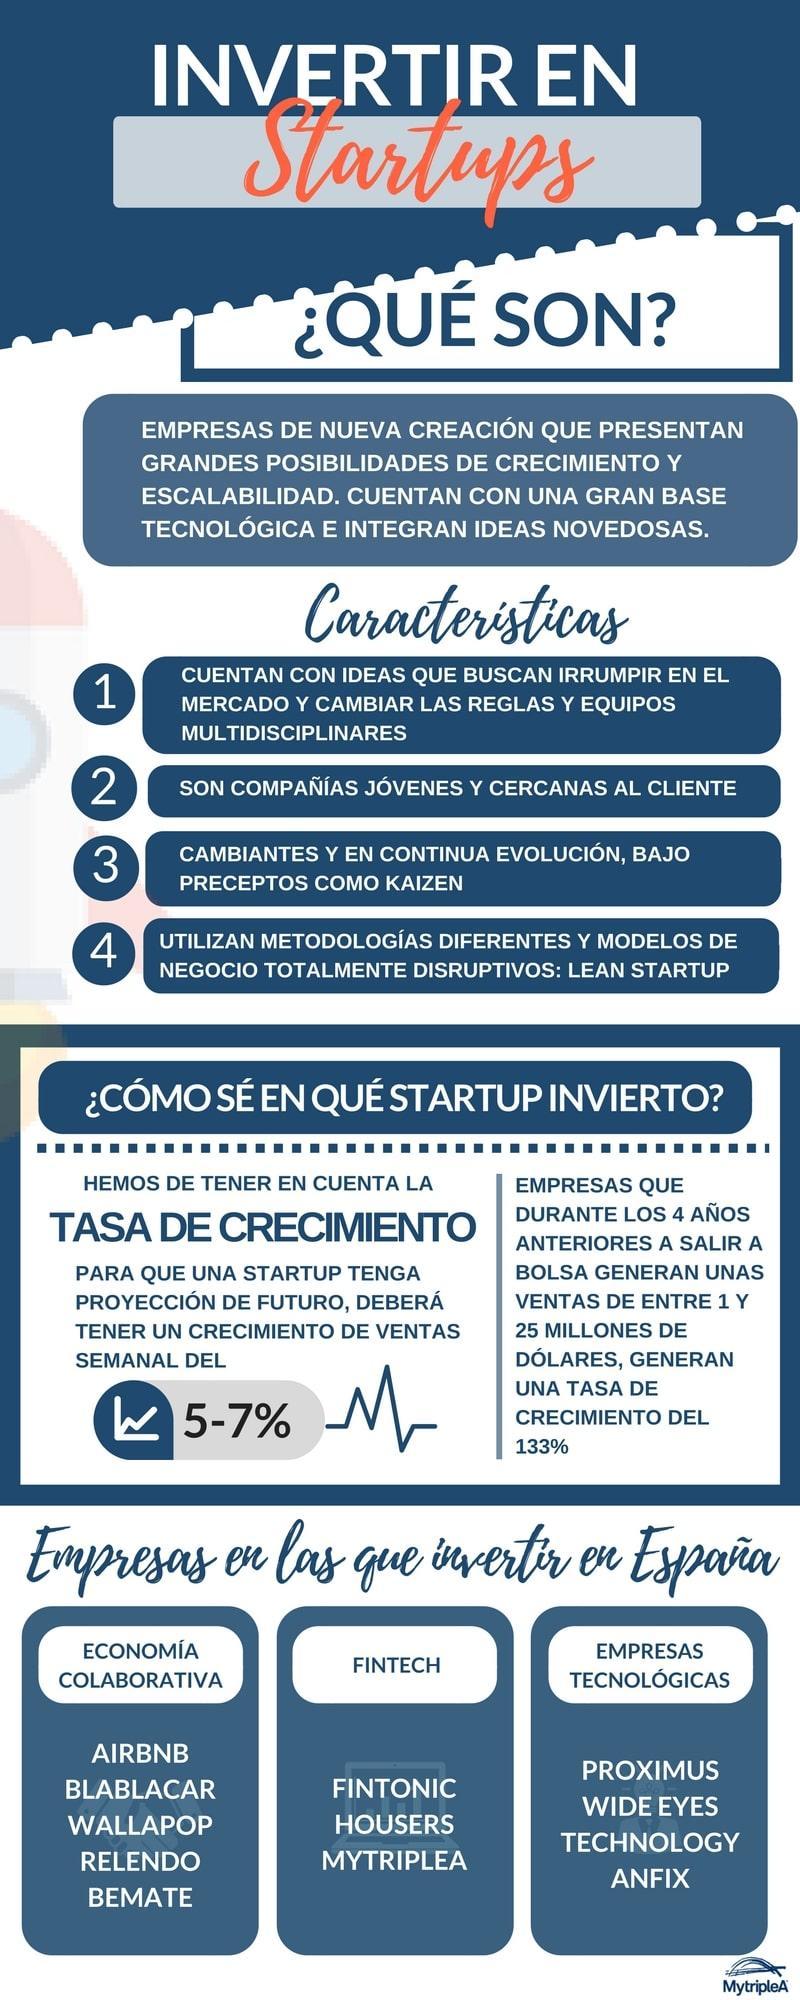 Invertir en Startups infografía